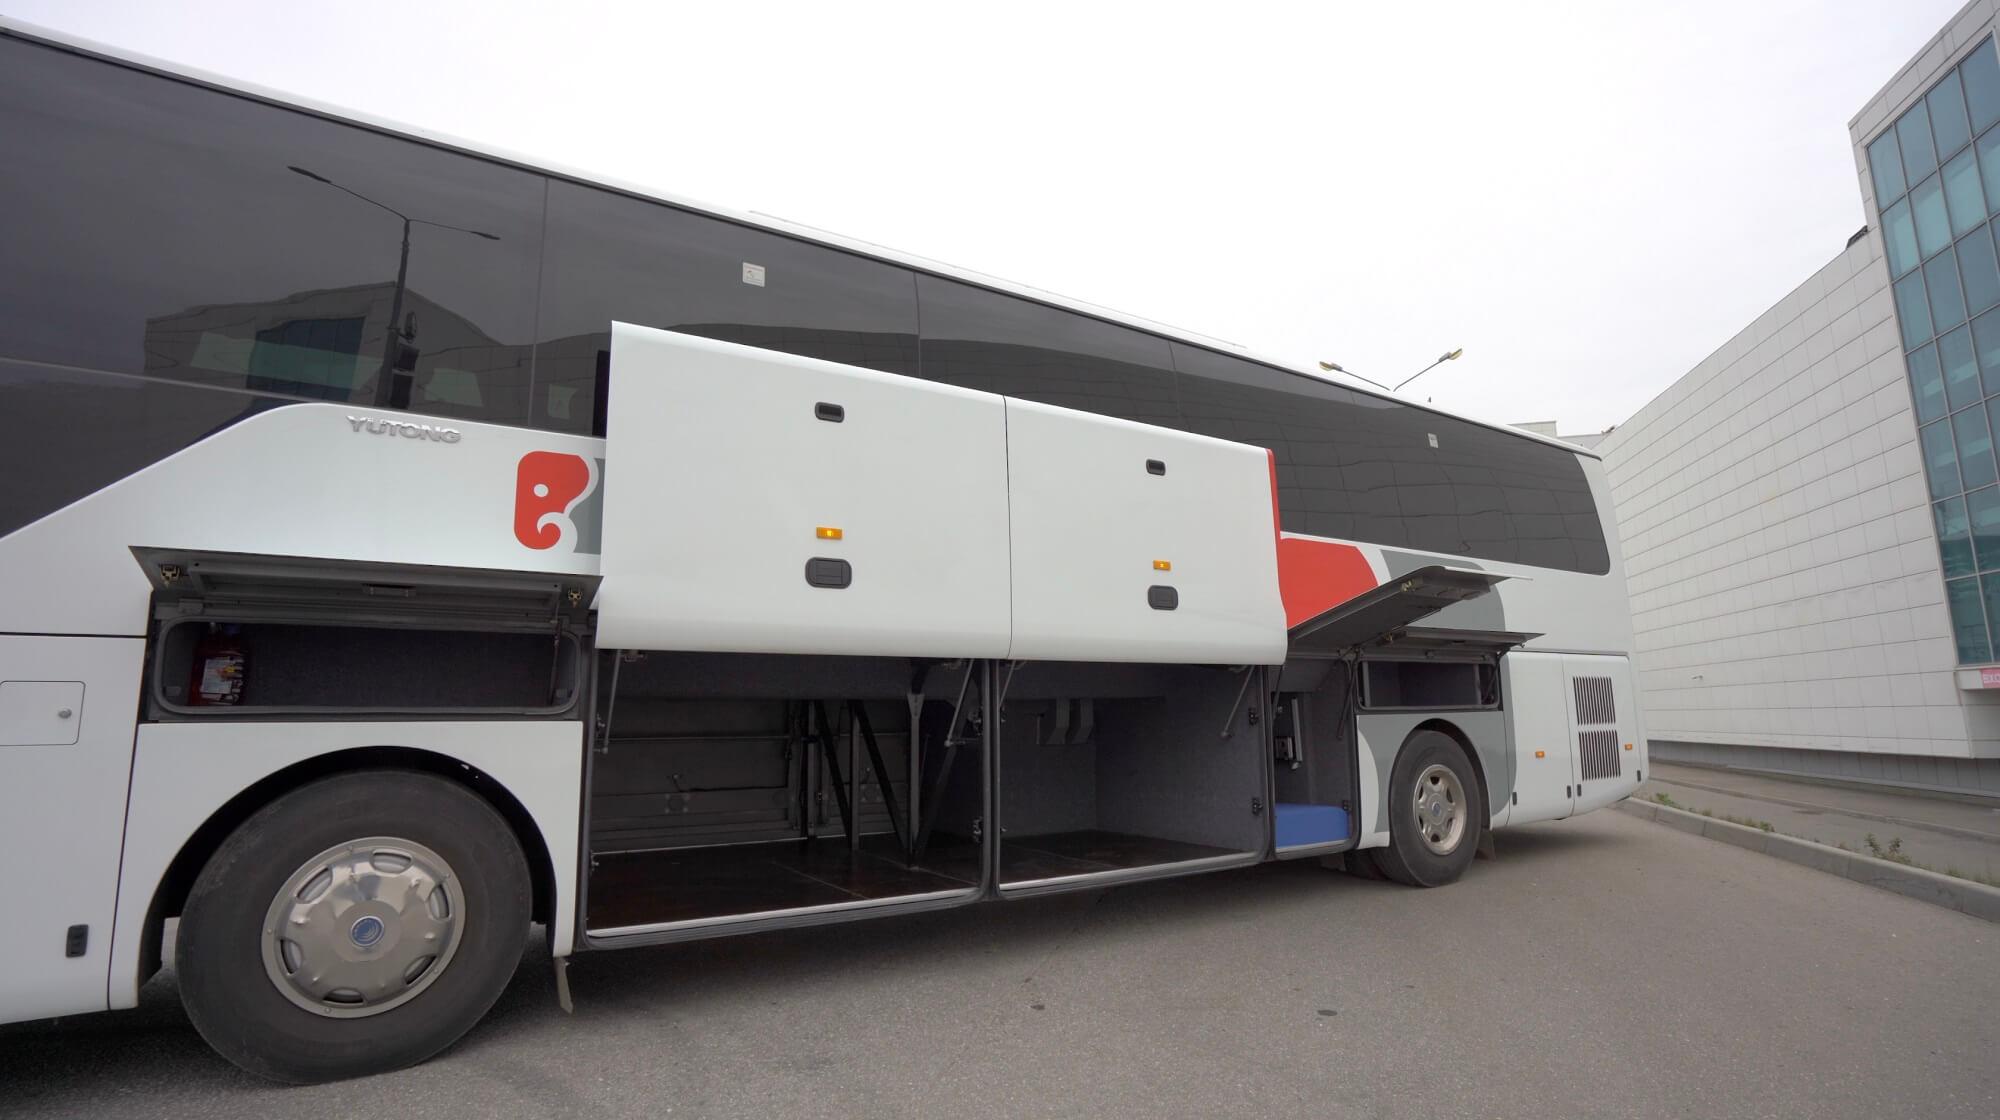 автобусYutong 6122Н9 2018 года 51+1 (без кулера с мягкими перегородками) вид сбоку.